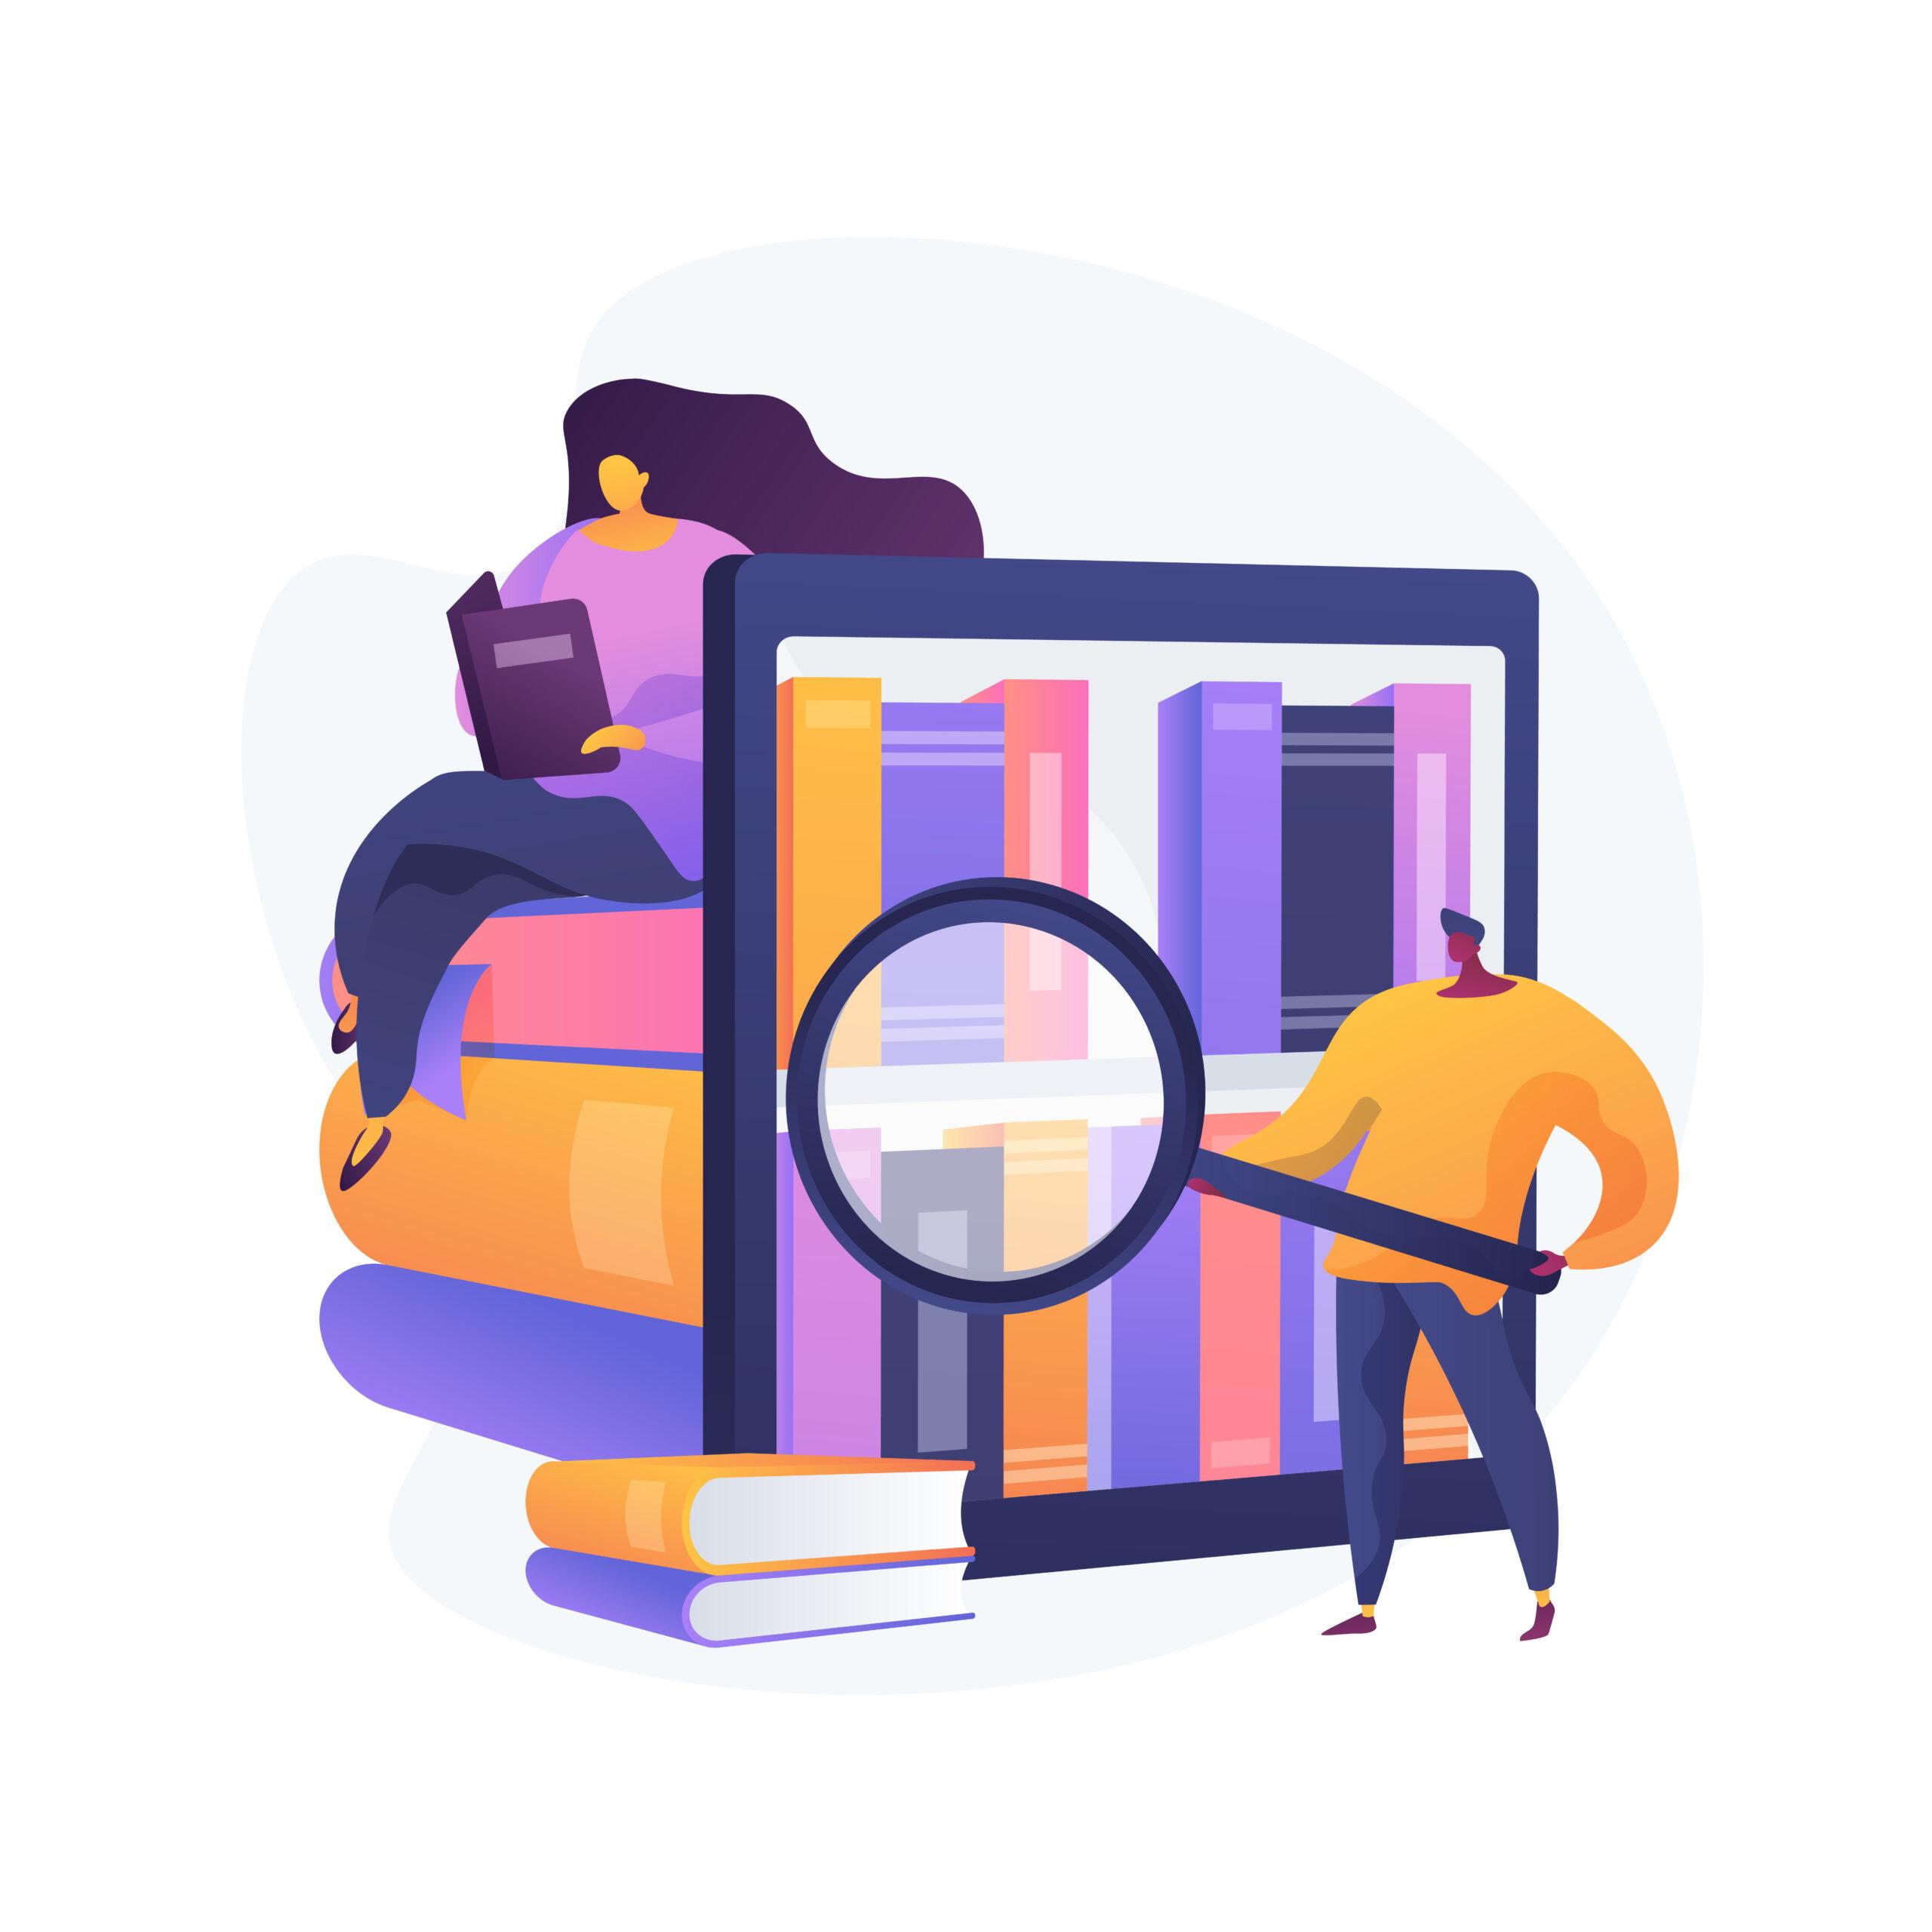 Szkolny zestaw podręczników w roku szkolnym 2021/2022